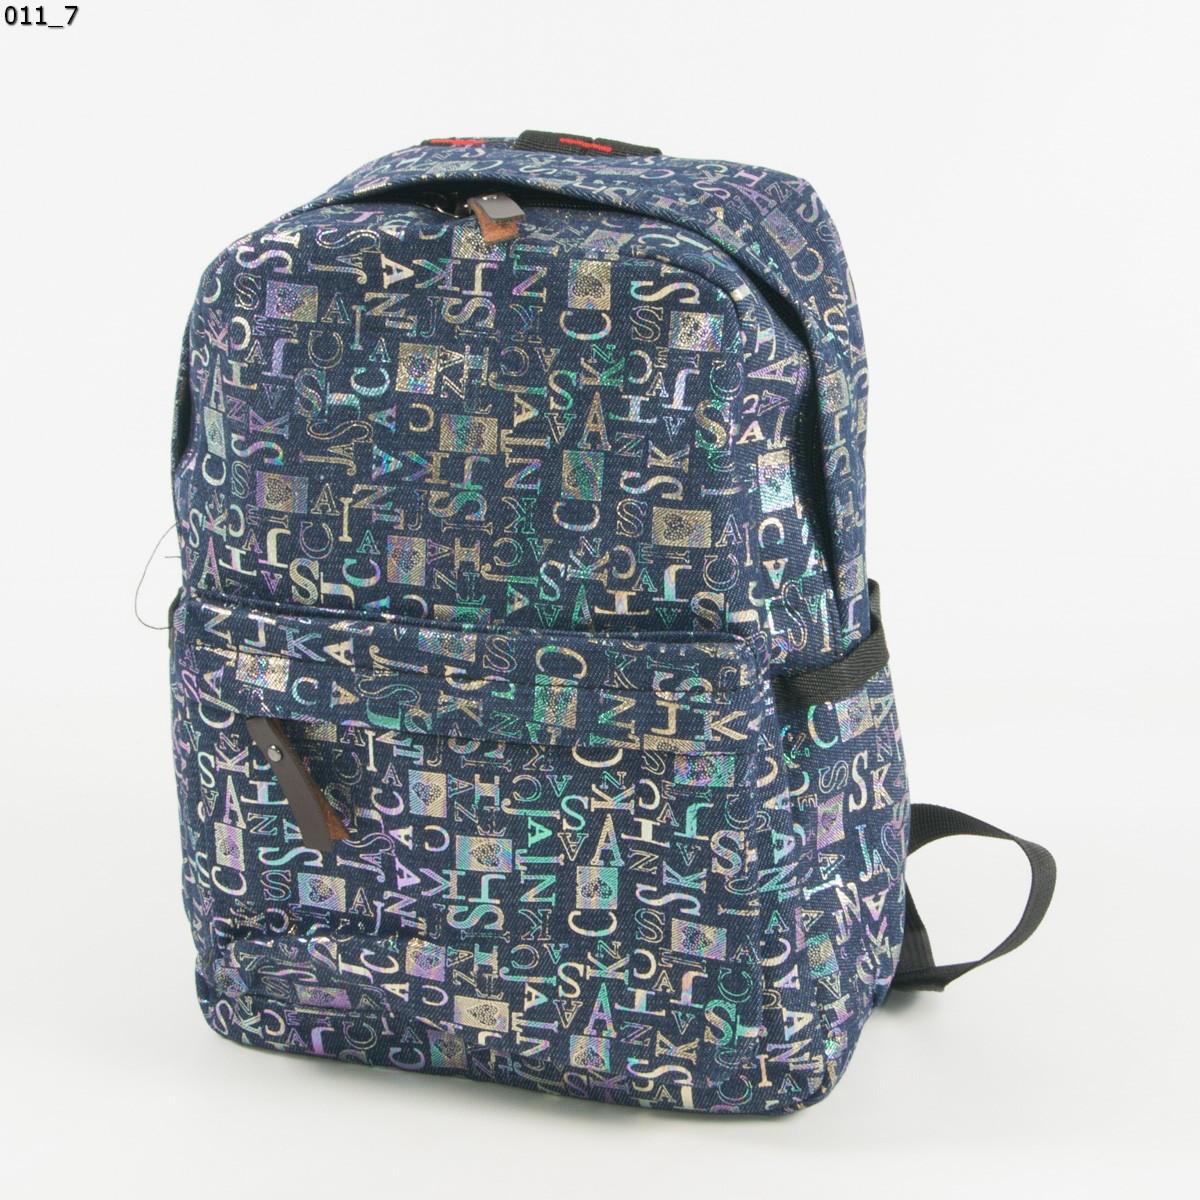 Оптом джинсовый прогулочный рюкзак с буквами - синий - 011